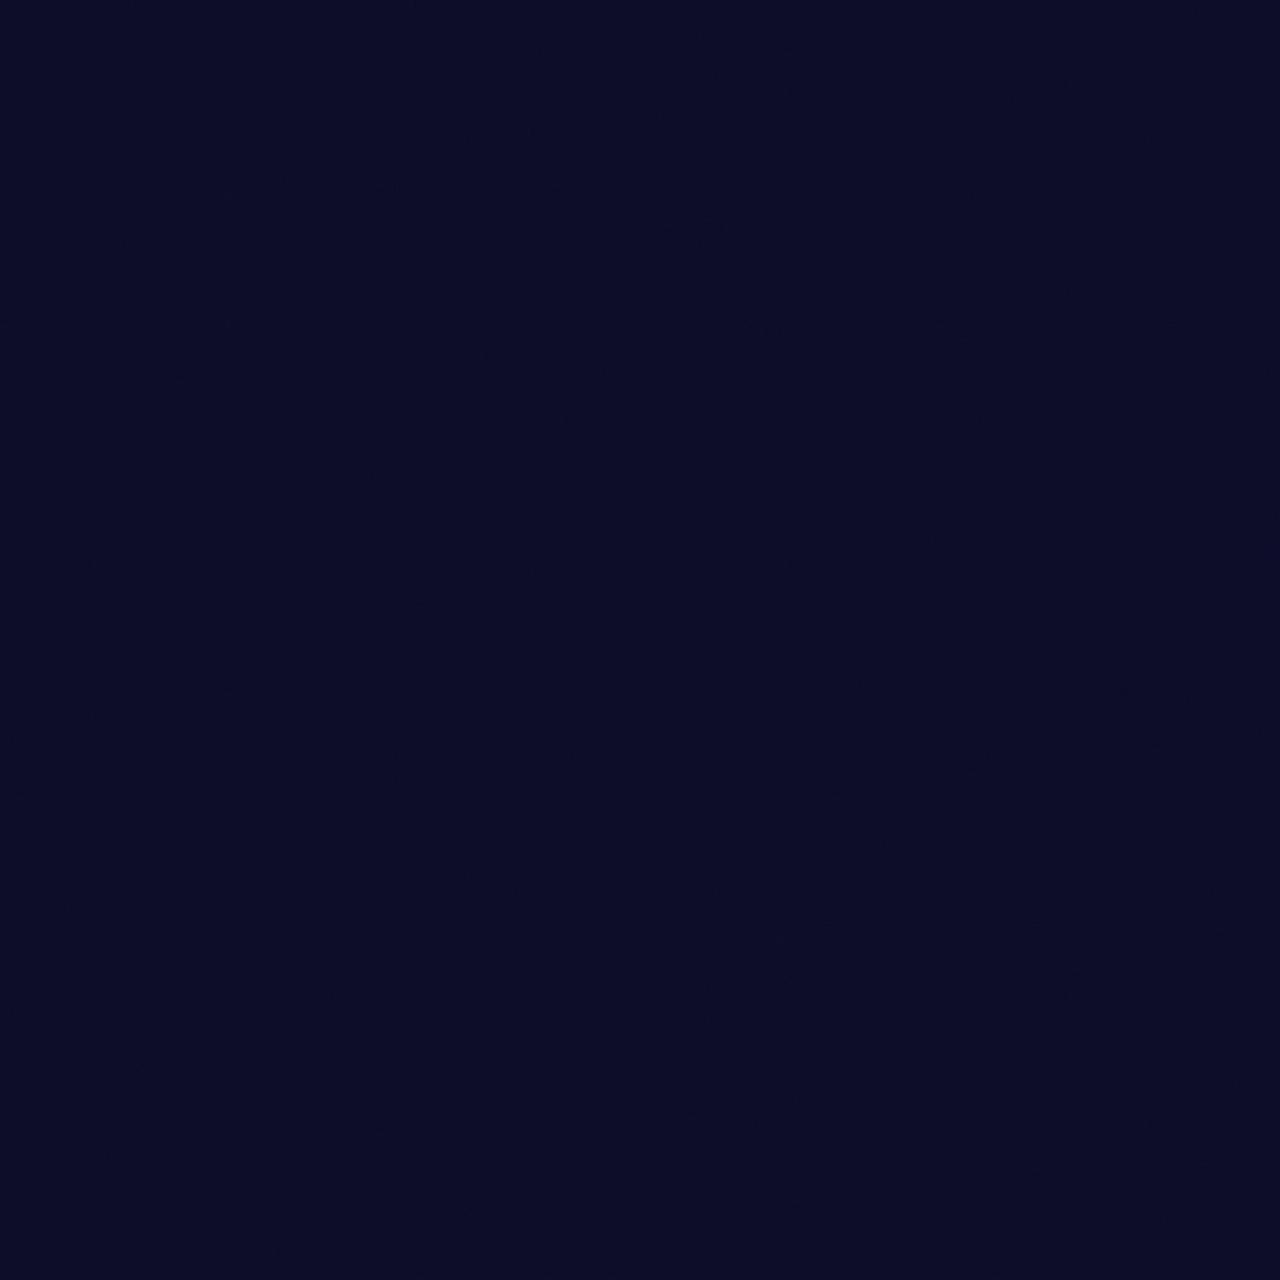 Глянцевые натяжные потолки Франция синий L 160